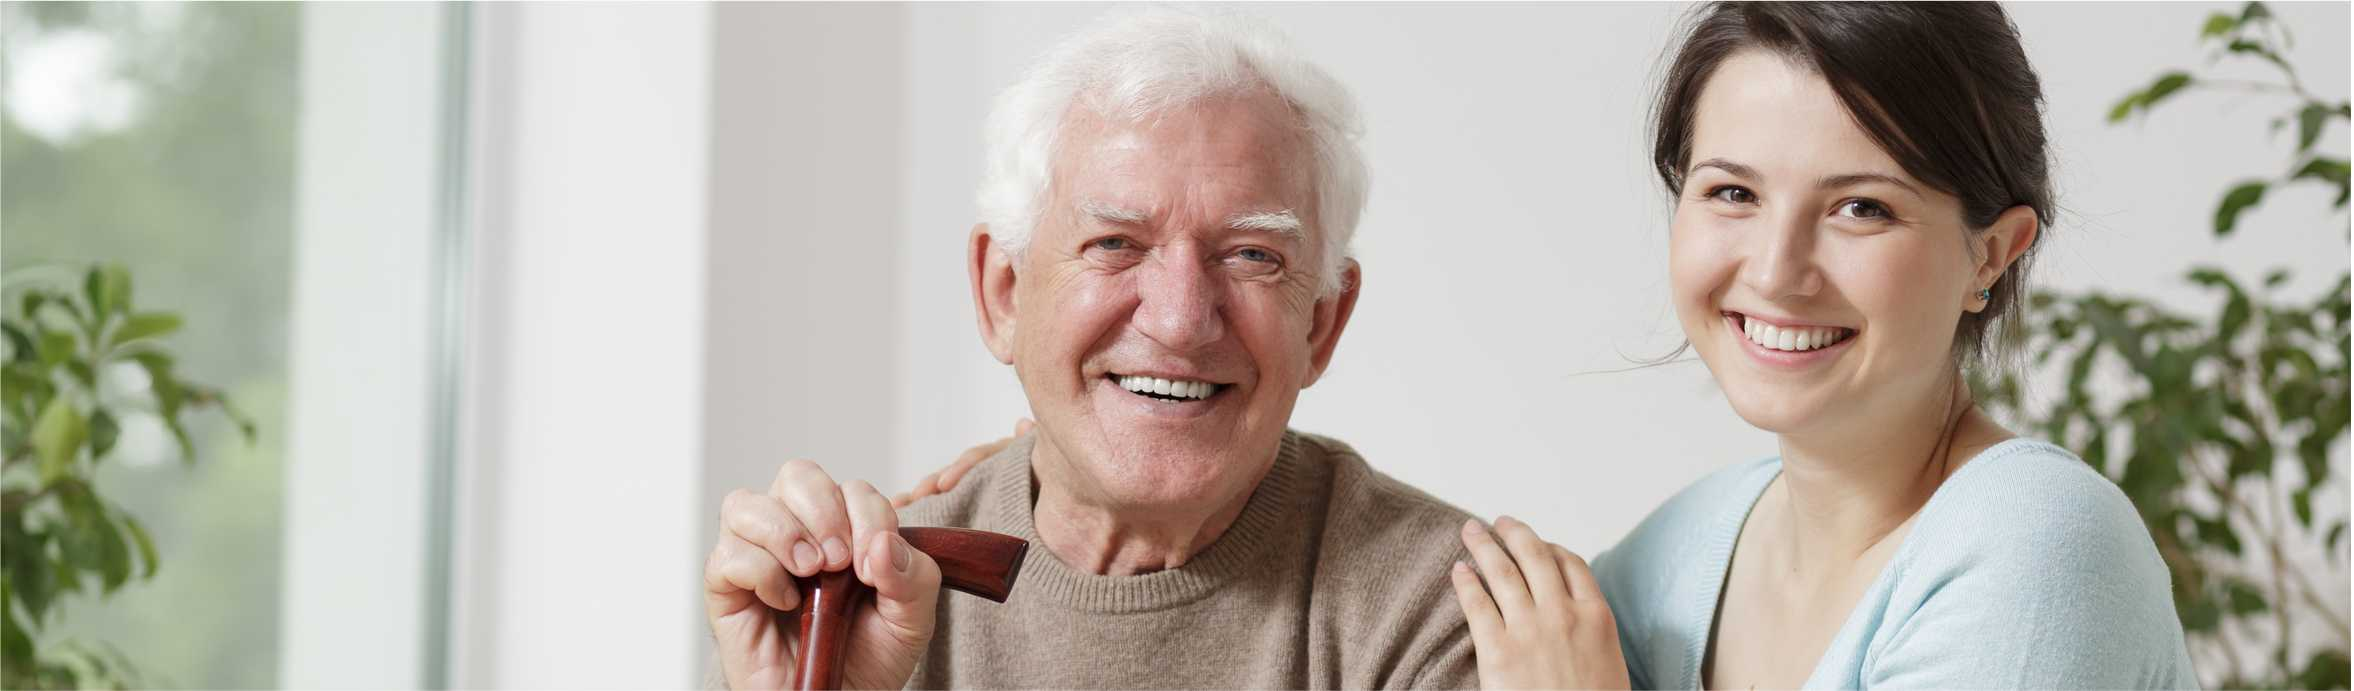 Segurança eletrônica para monitoramento de idosos